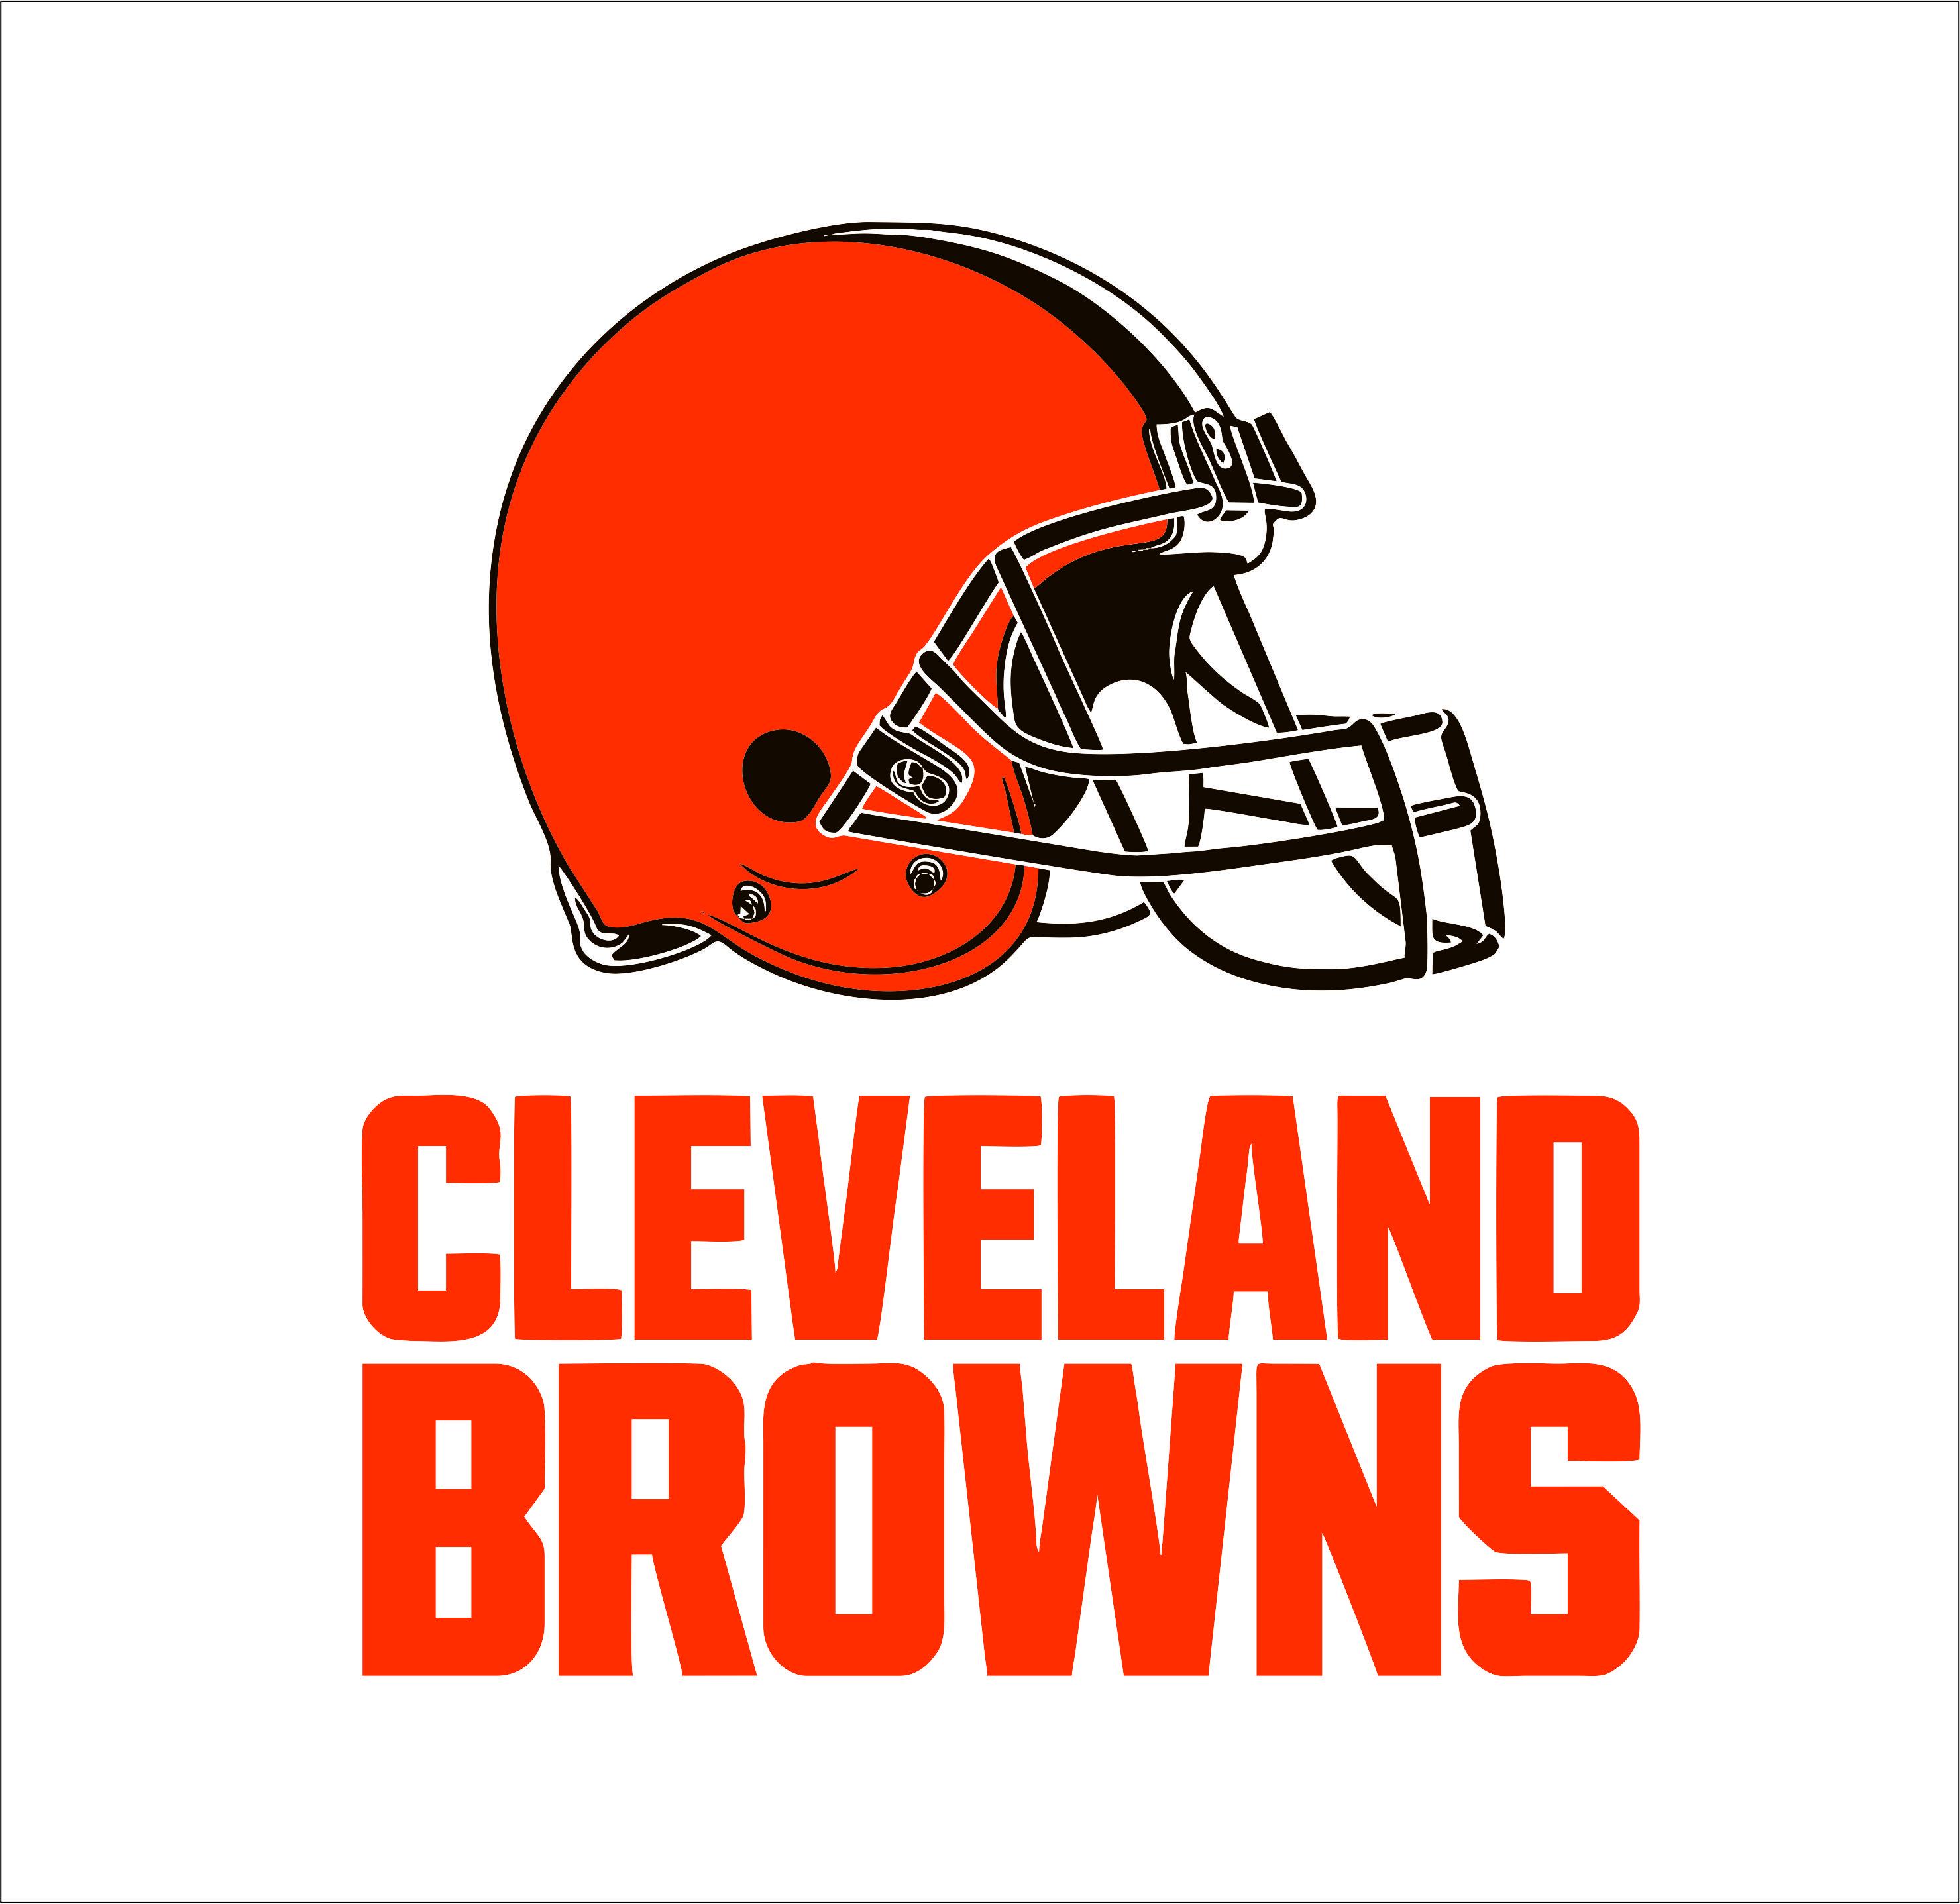 Cleveland Browns logo   SVGprinted